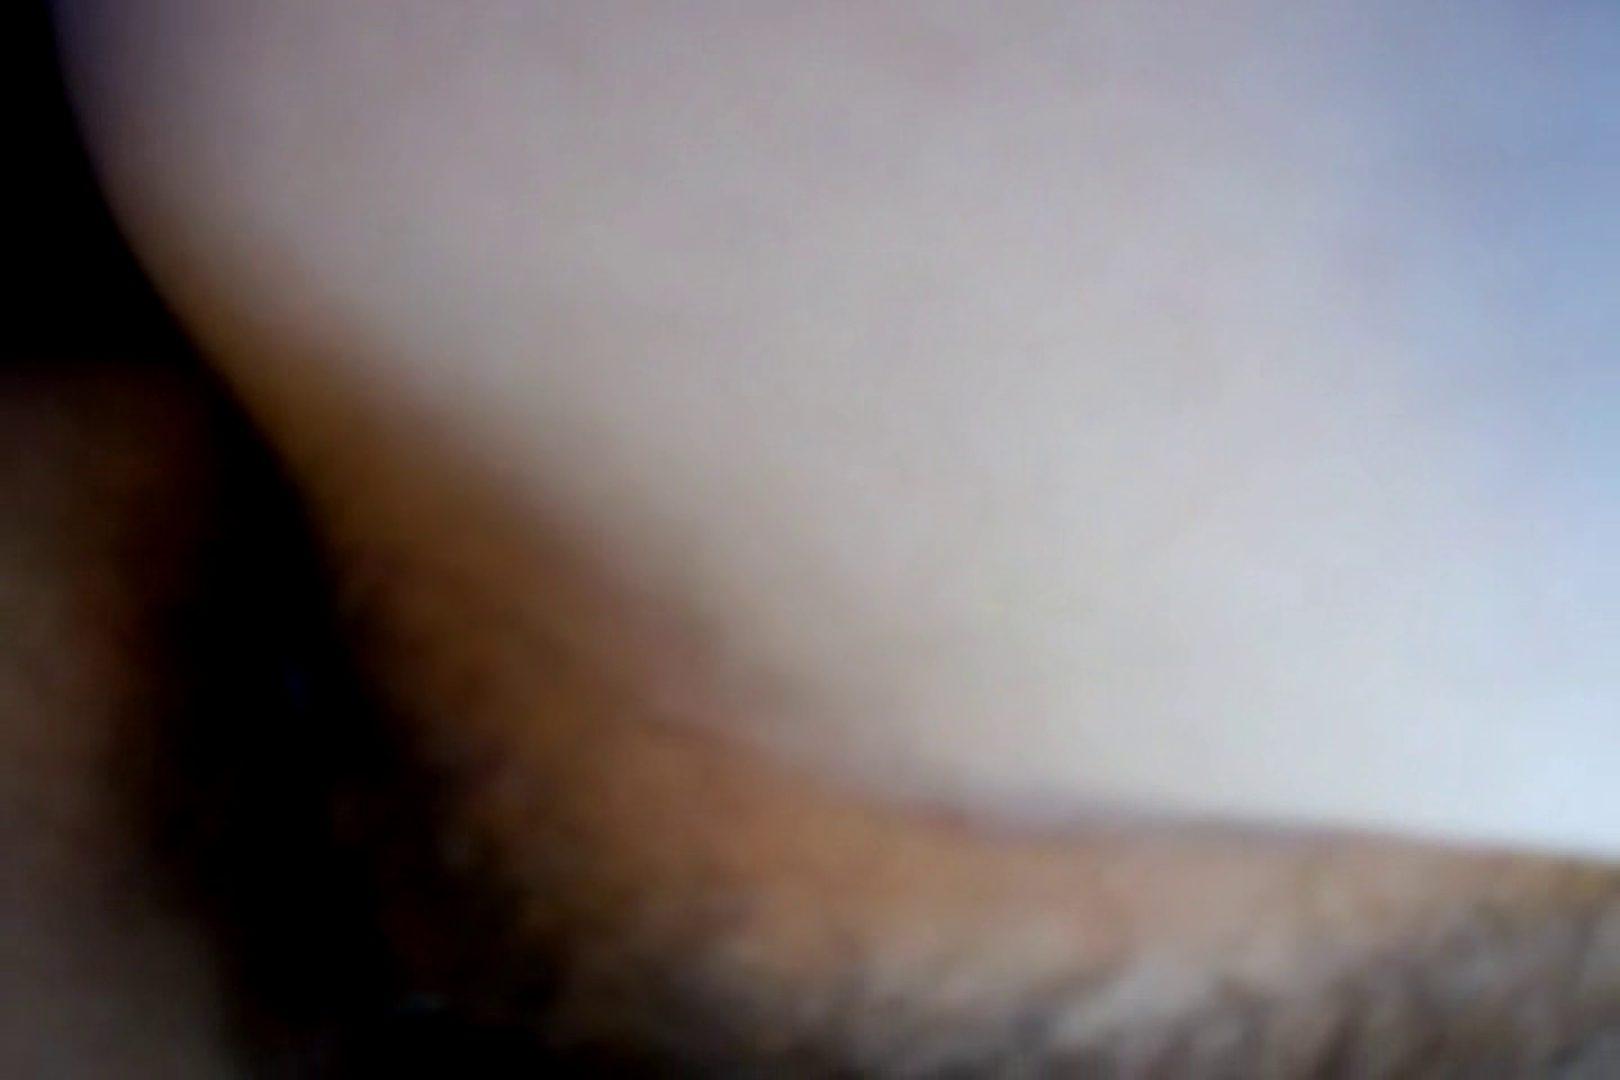 ウイルス流出 レオ&マンコのアルバム マンコ映像 エロ無料画像 101連発 12